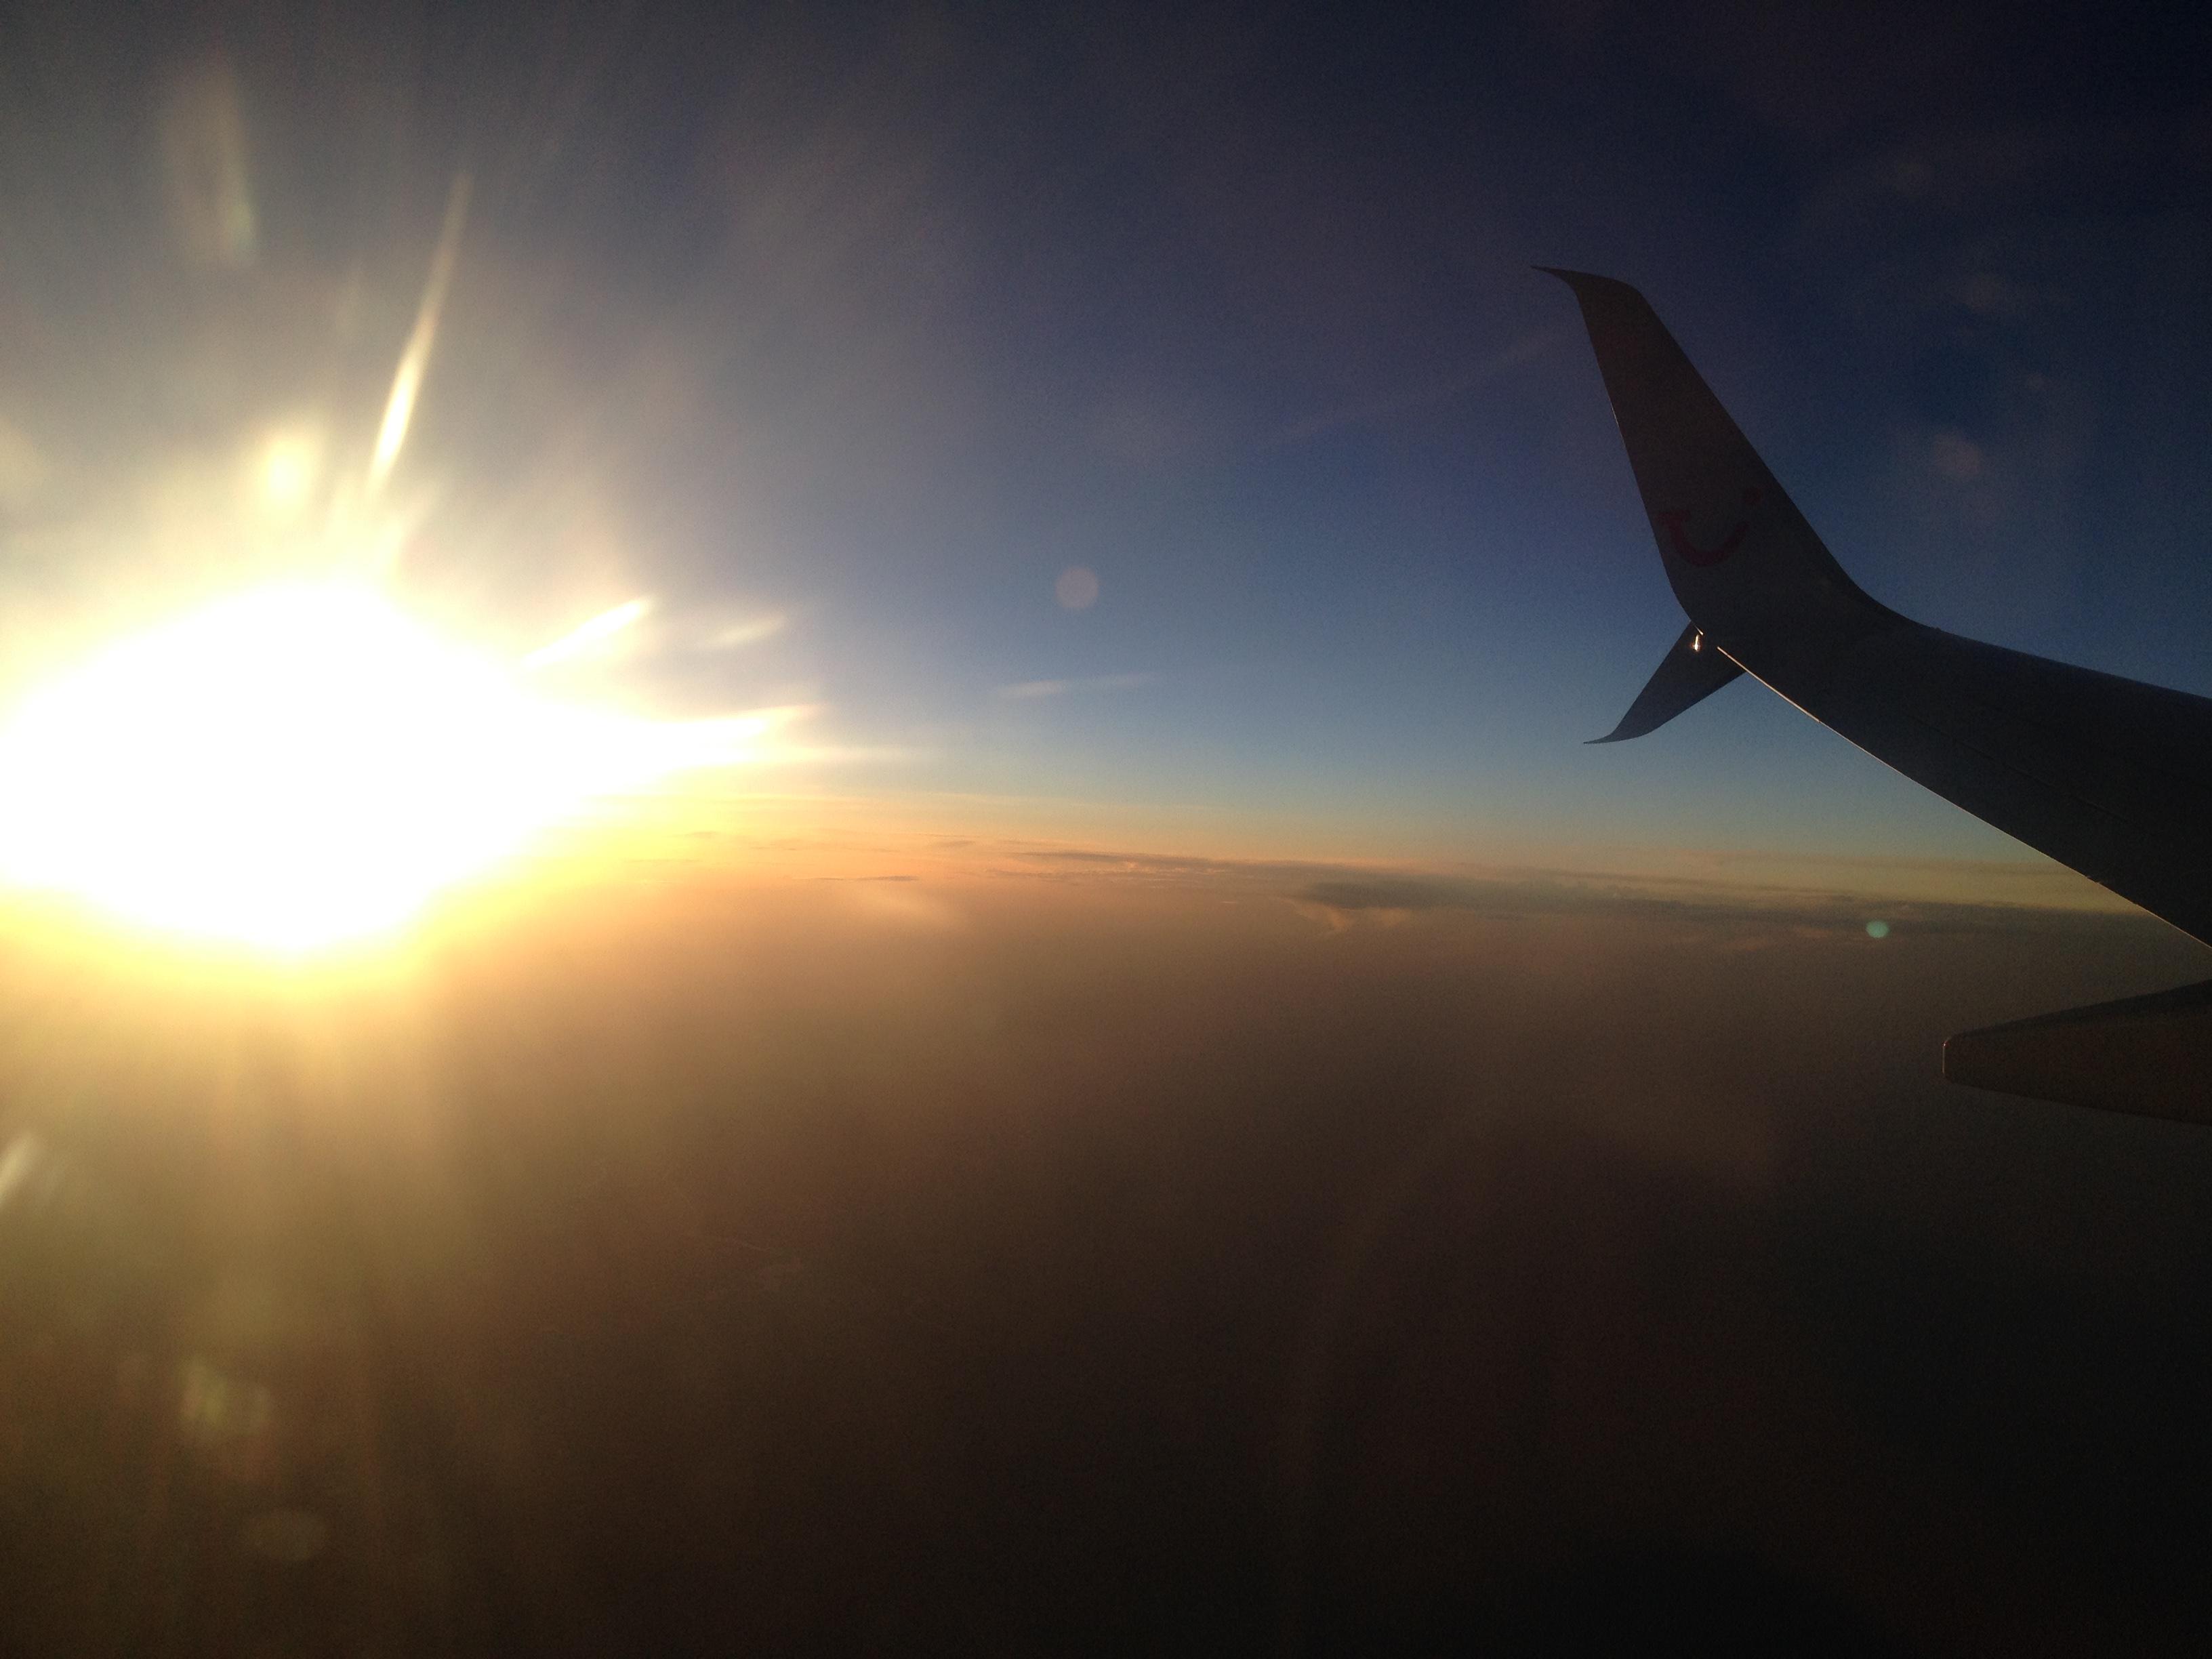 Über den Wolken – was die Zukunft wohl bringt?